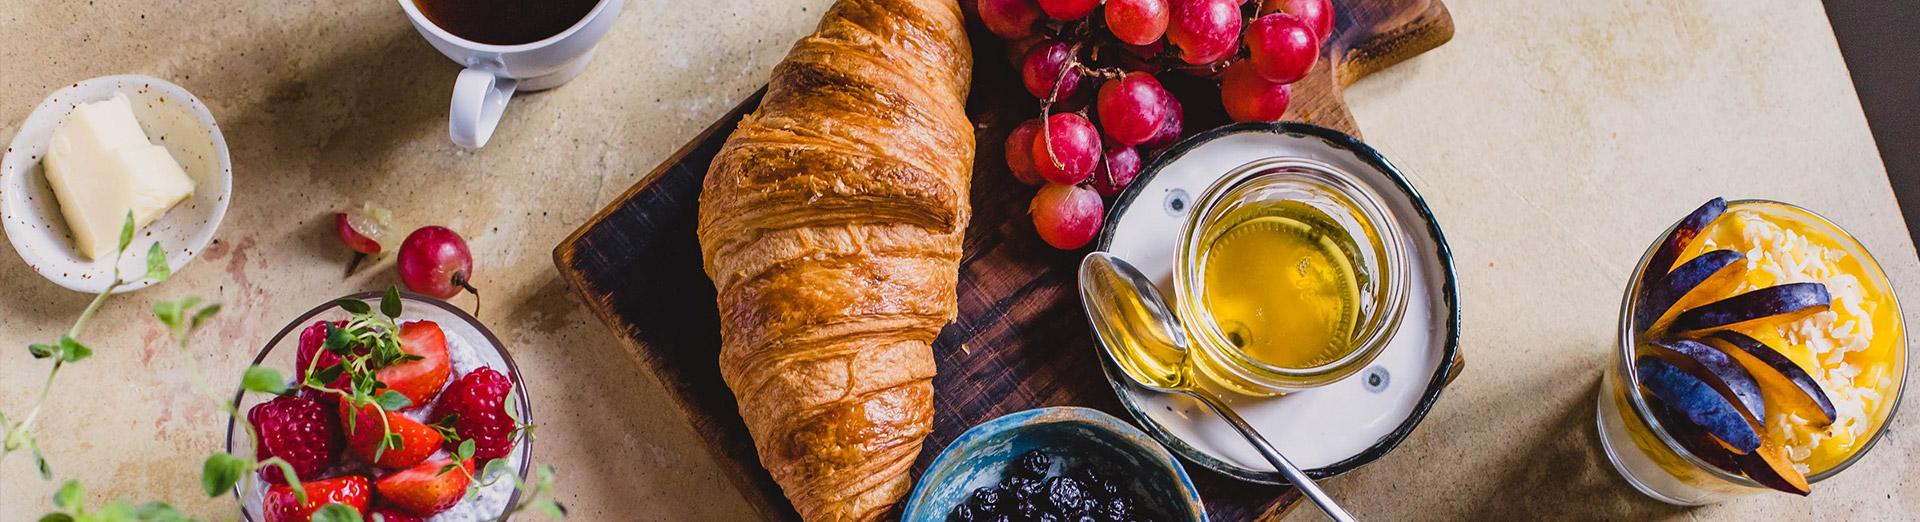 Frühstücksbuffett mit Hörnchen und frischem Obst